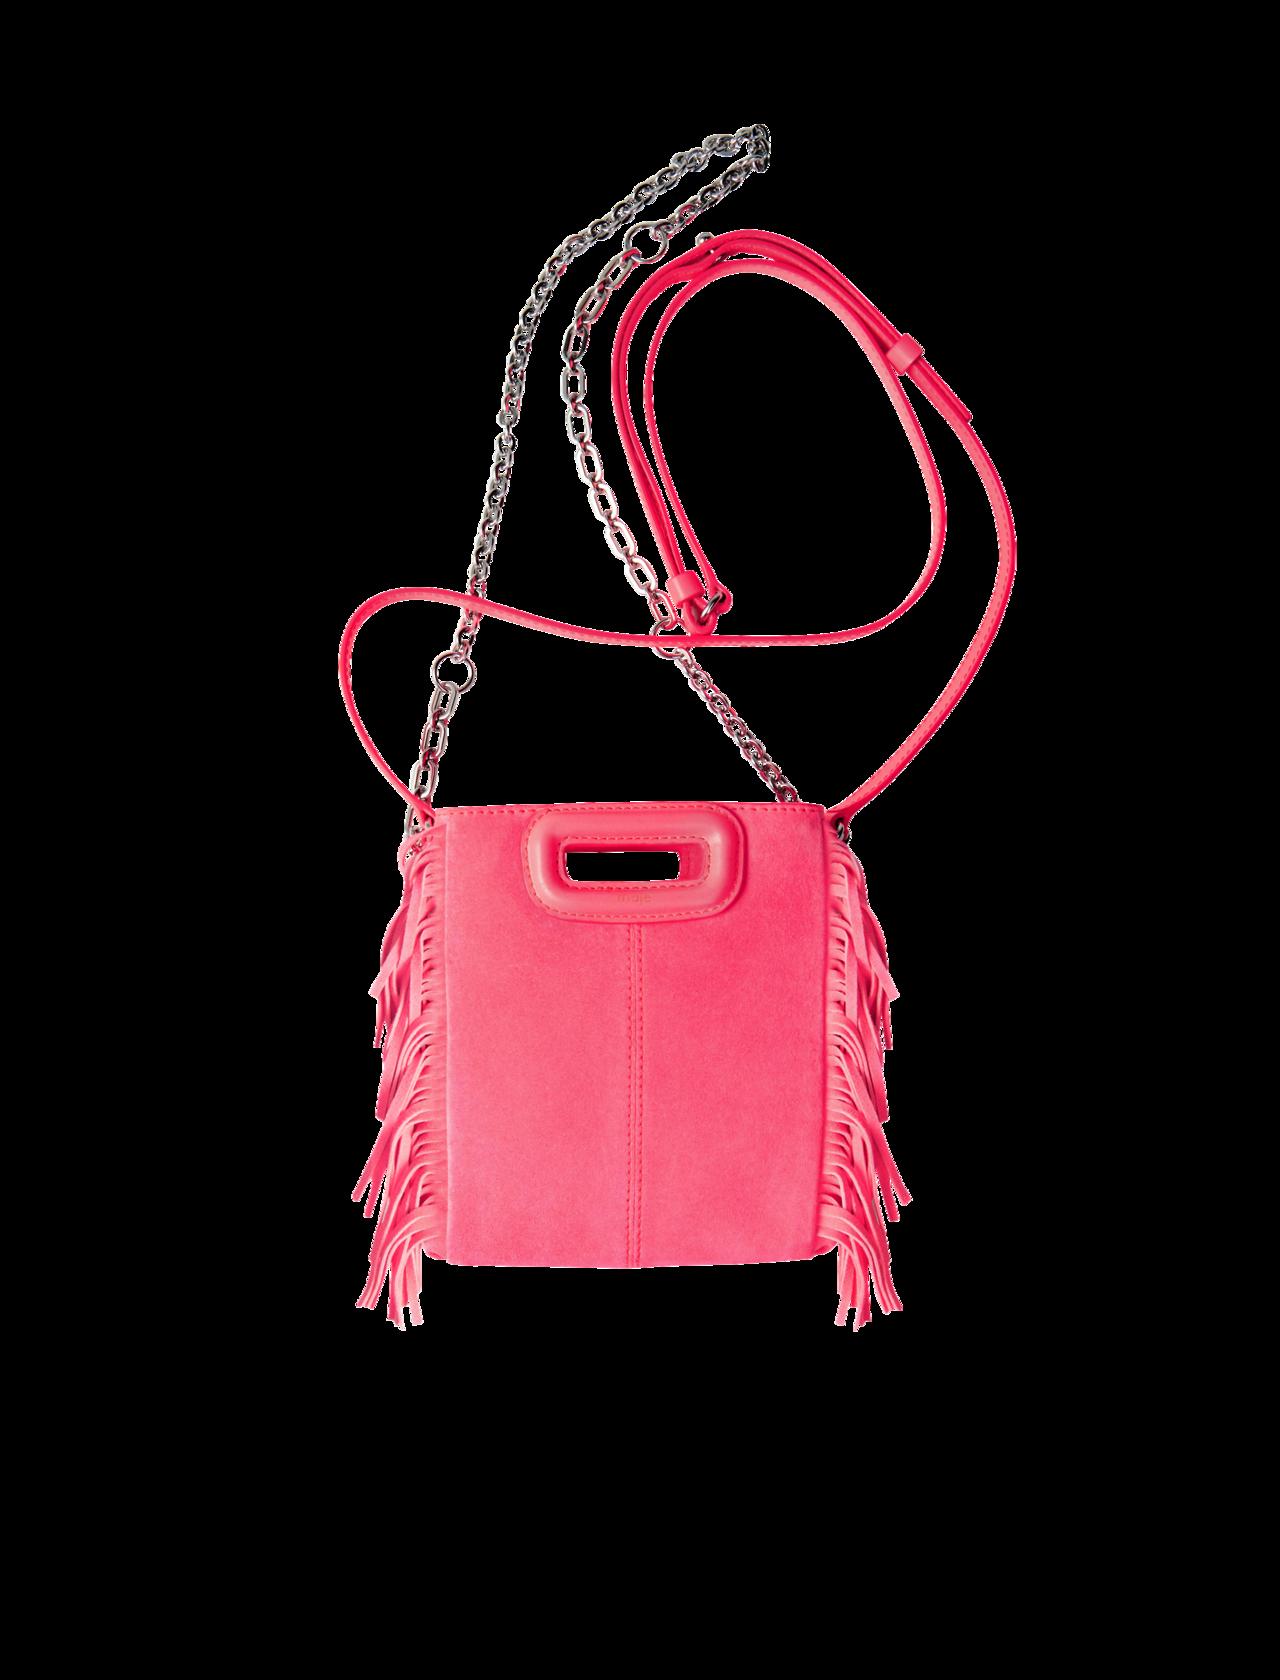 maje粉色皮革流蘇肩背包,價格洽店。圖/maje提供